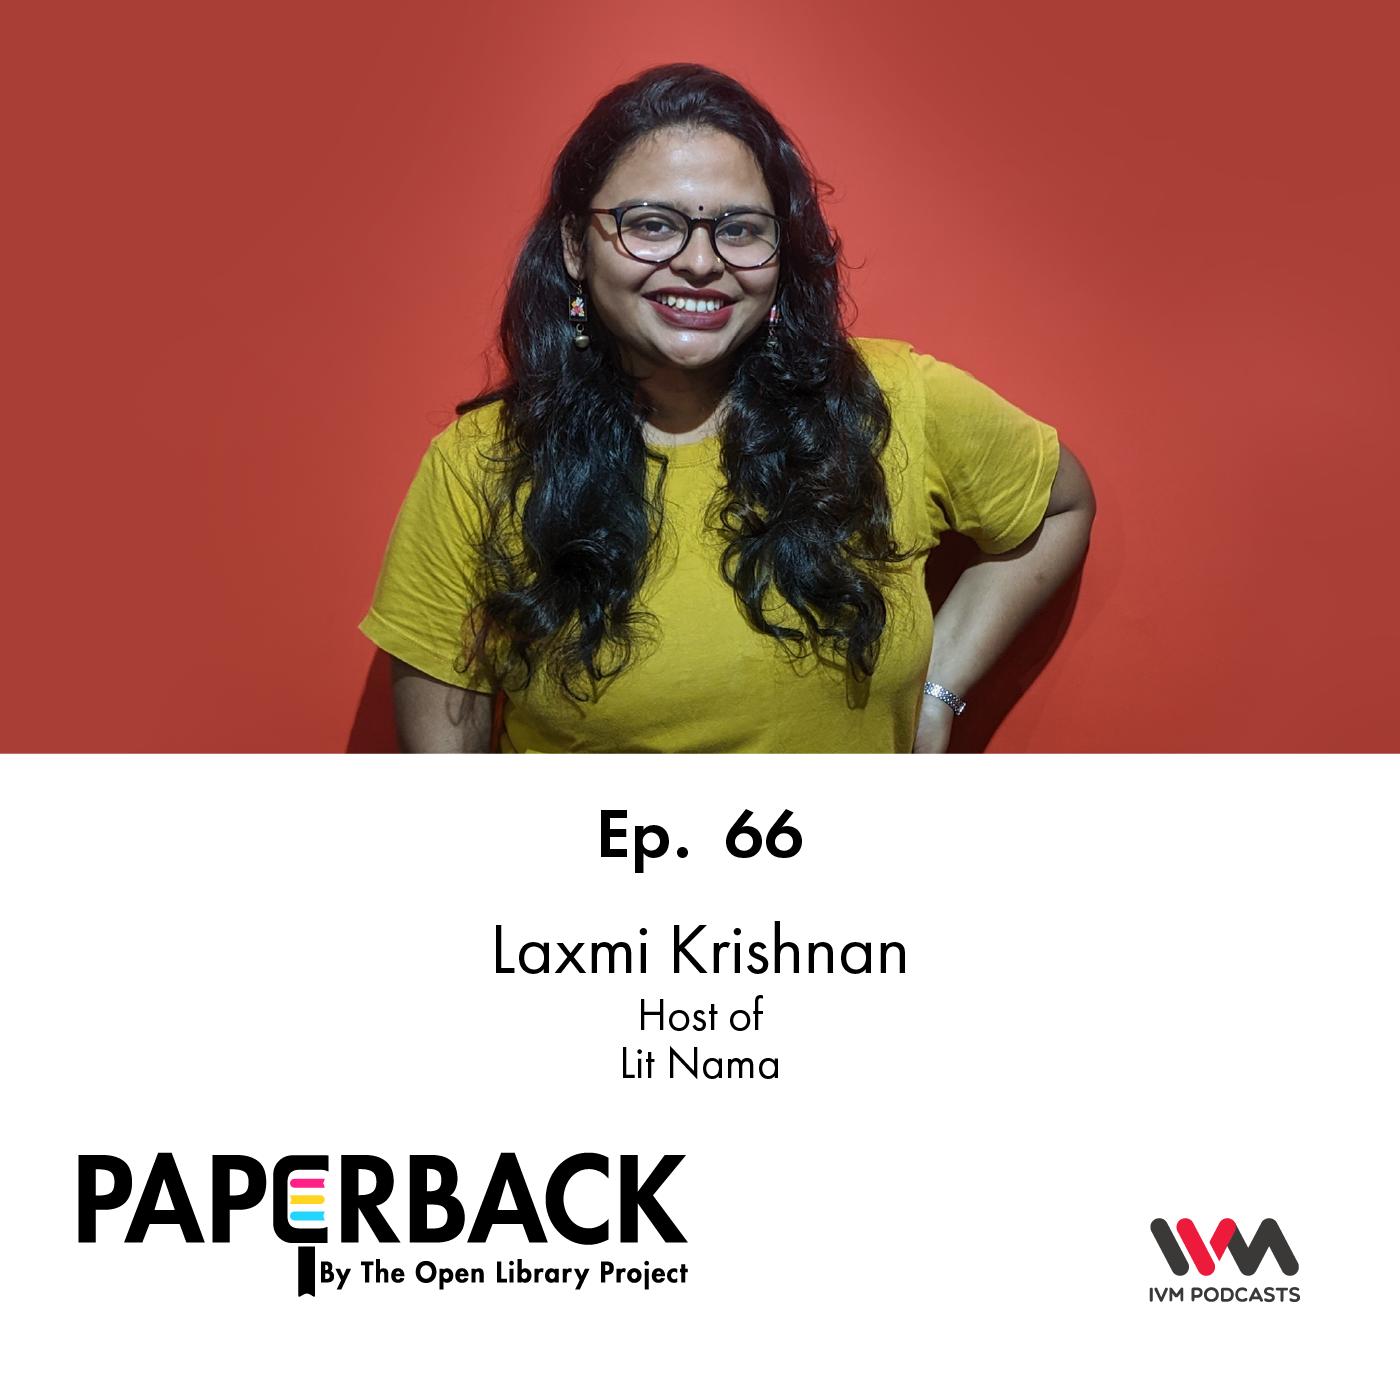 Ep. 66: Laxmi Krishnan